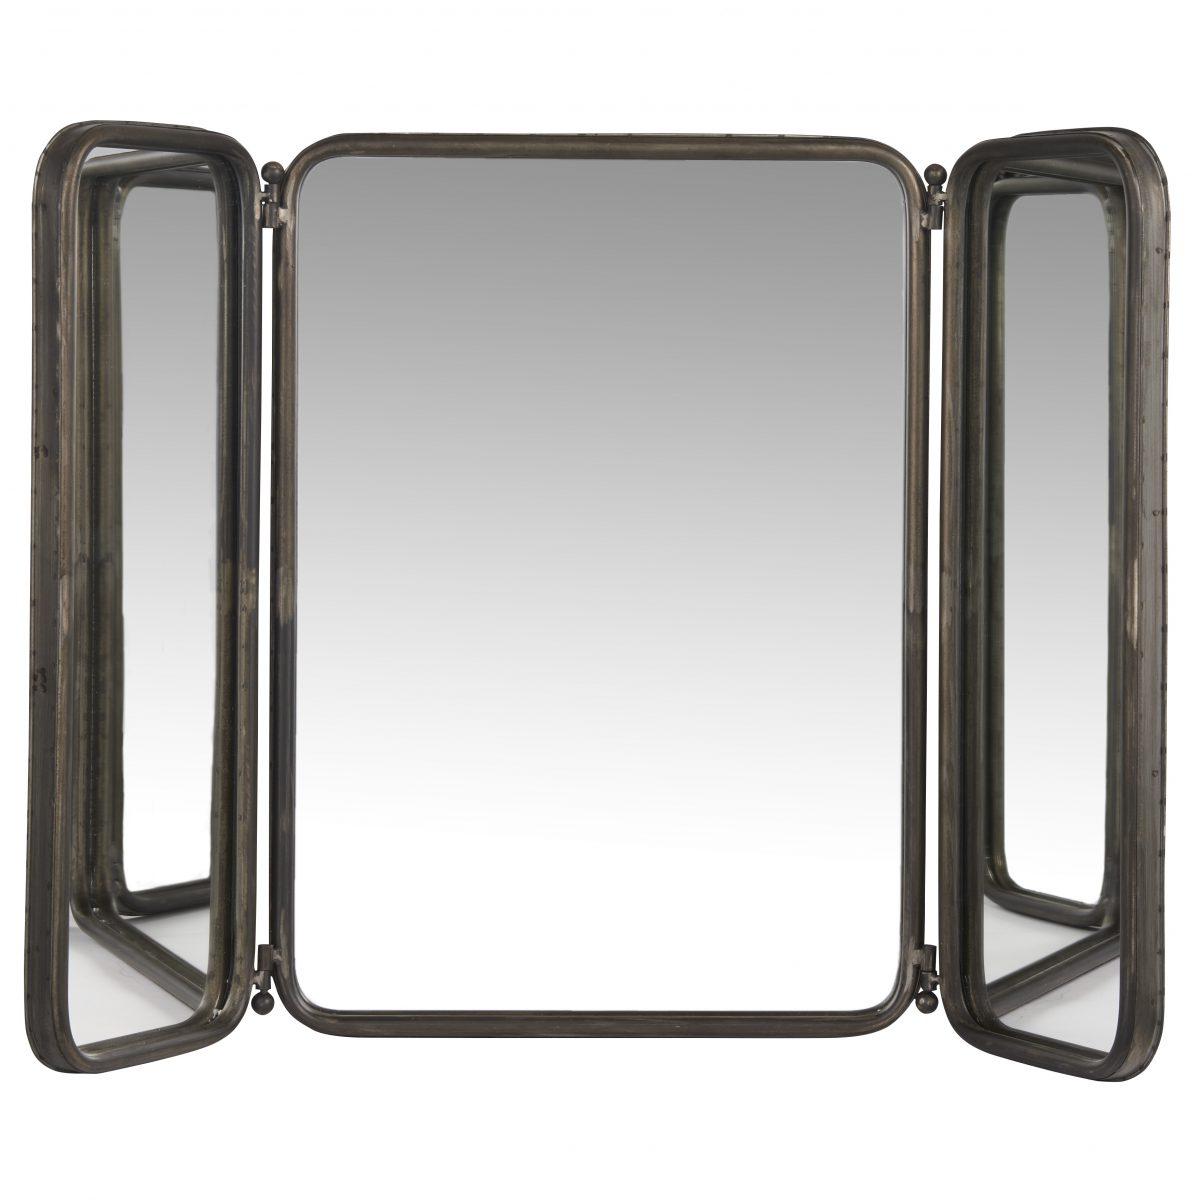 2020 Rustic Black Rectangular 3 Panel Folding Wall Hanging Mirrorib Laursen Throughout Folding Wall Mirrors (View 11 of 20)